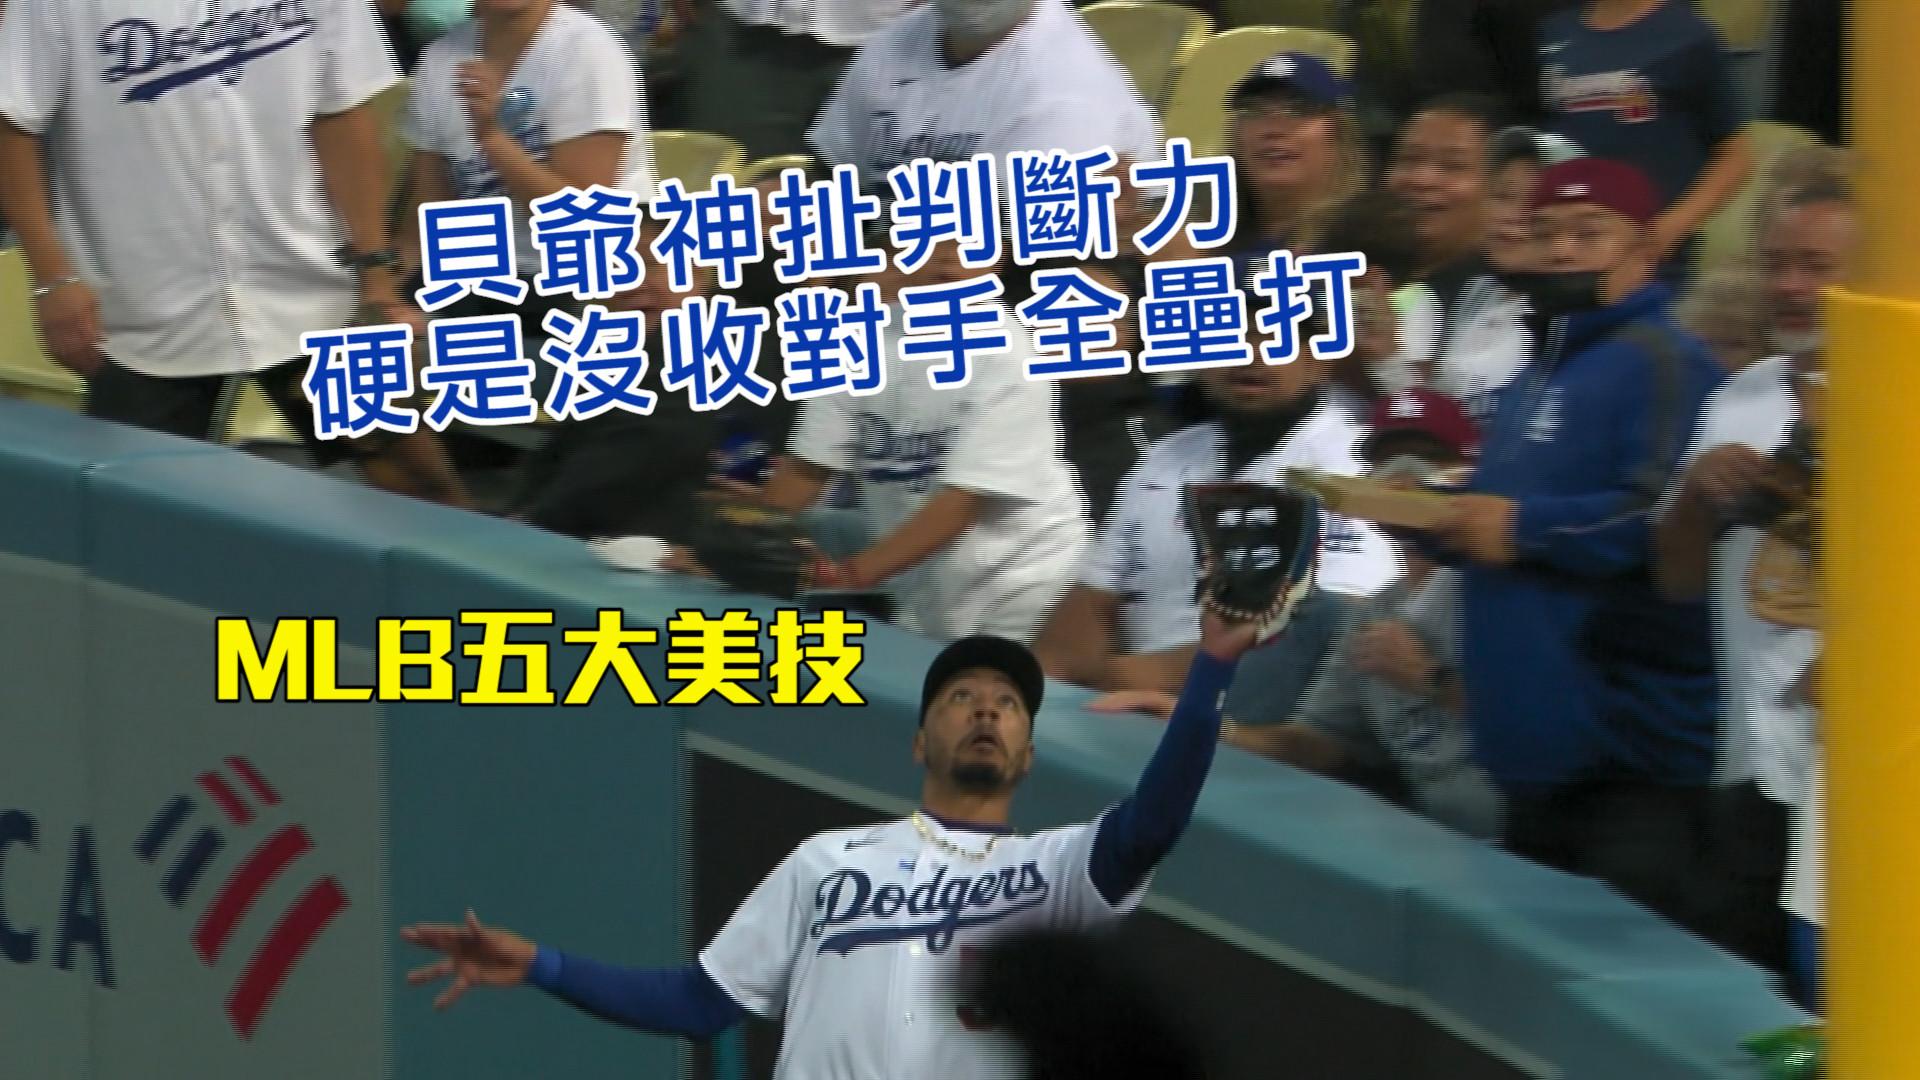 【MLB看愛爾達】美技絕對不漏接 MLB五大精彩好球 09/01